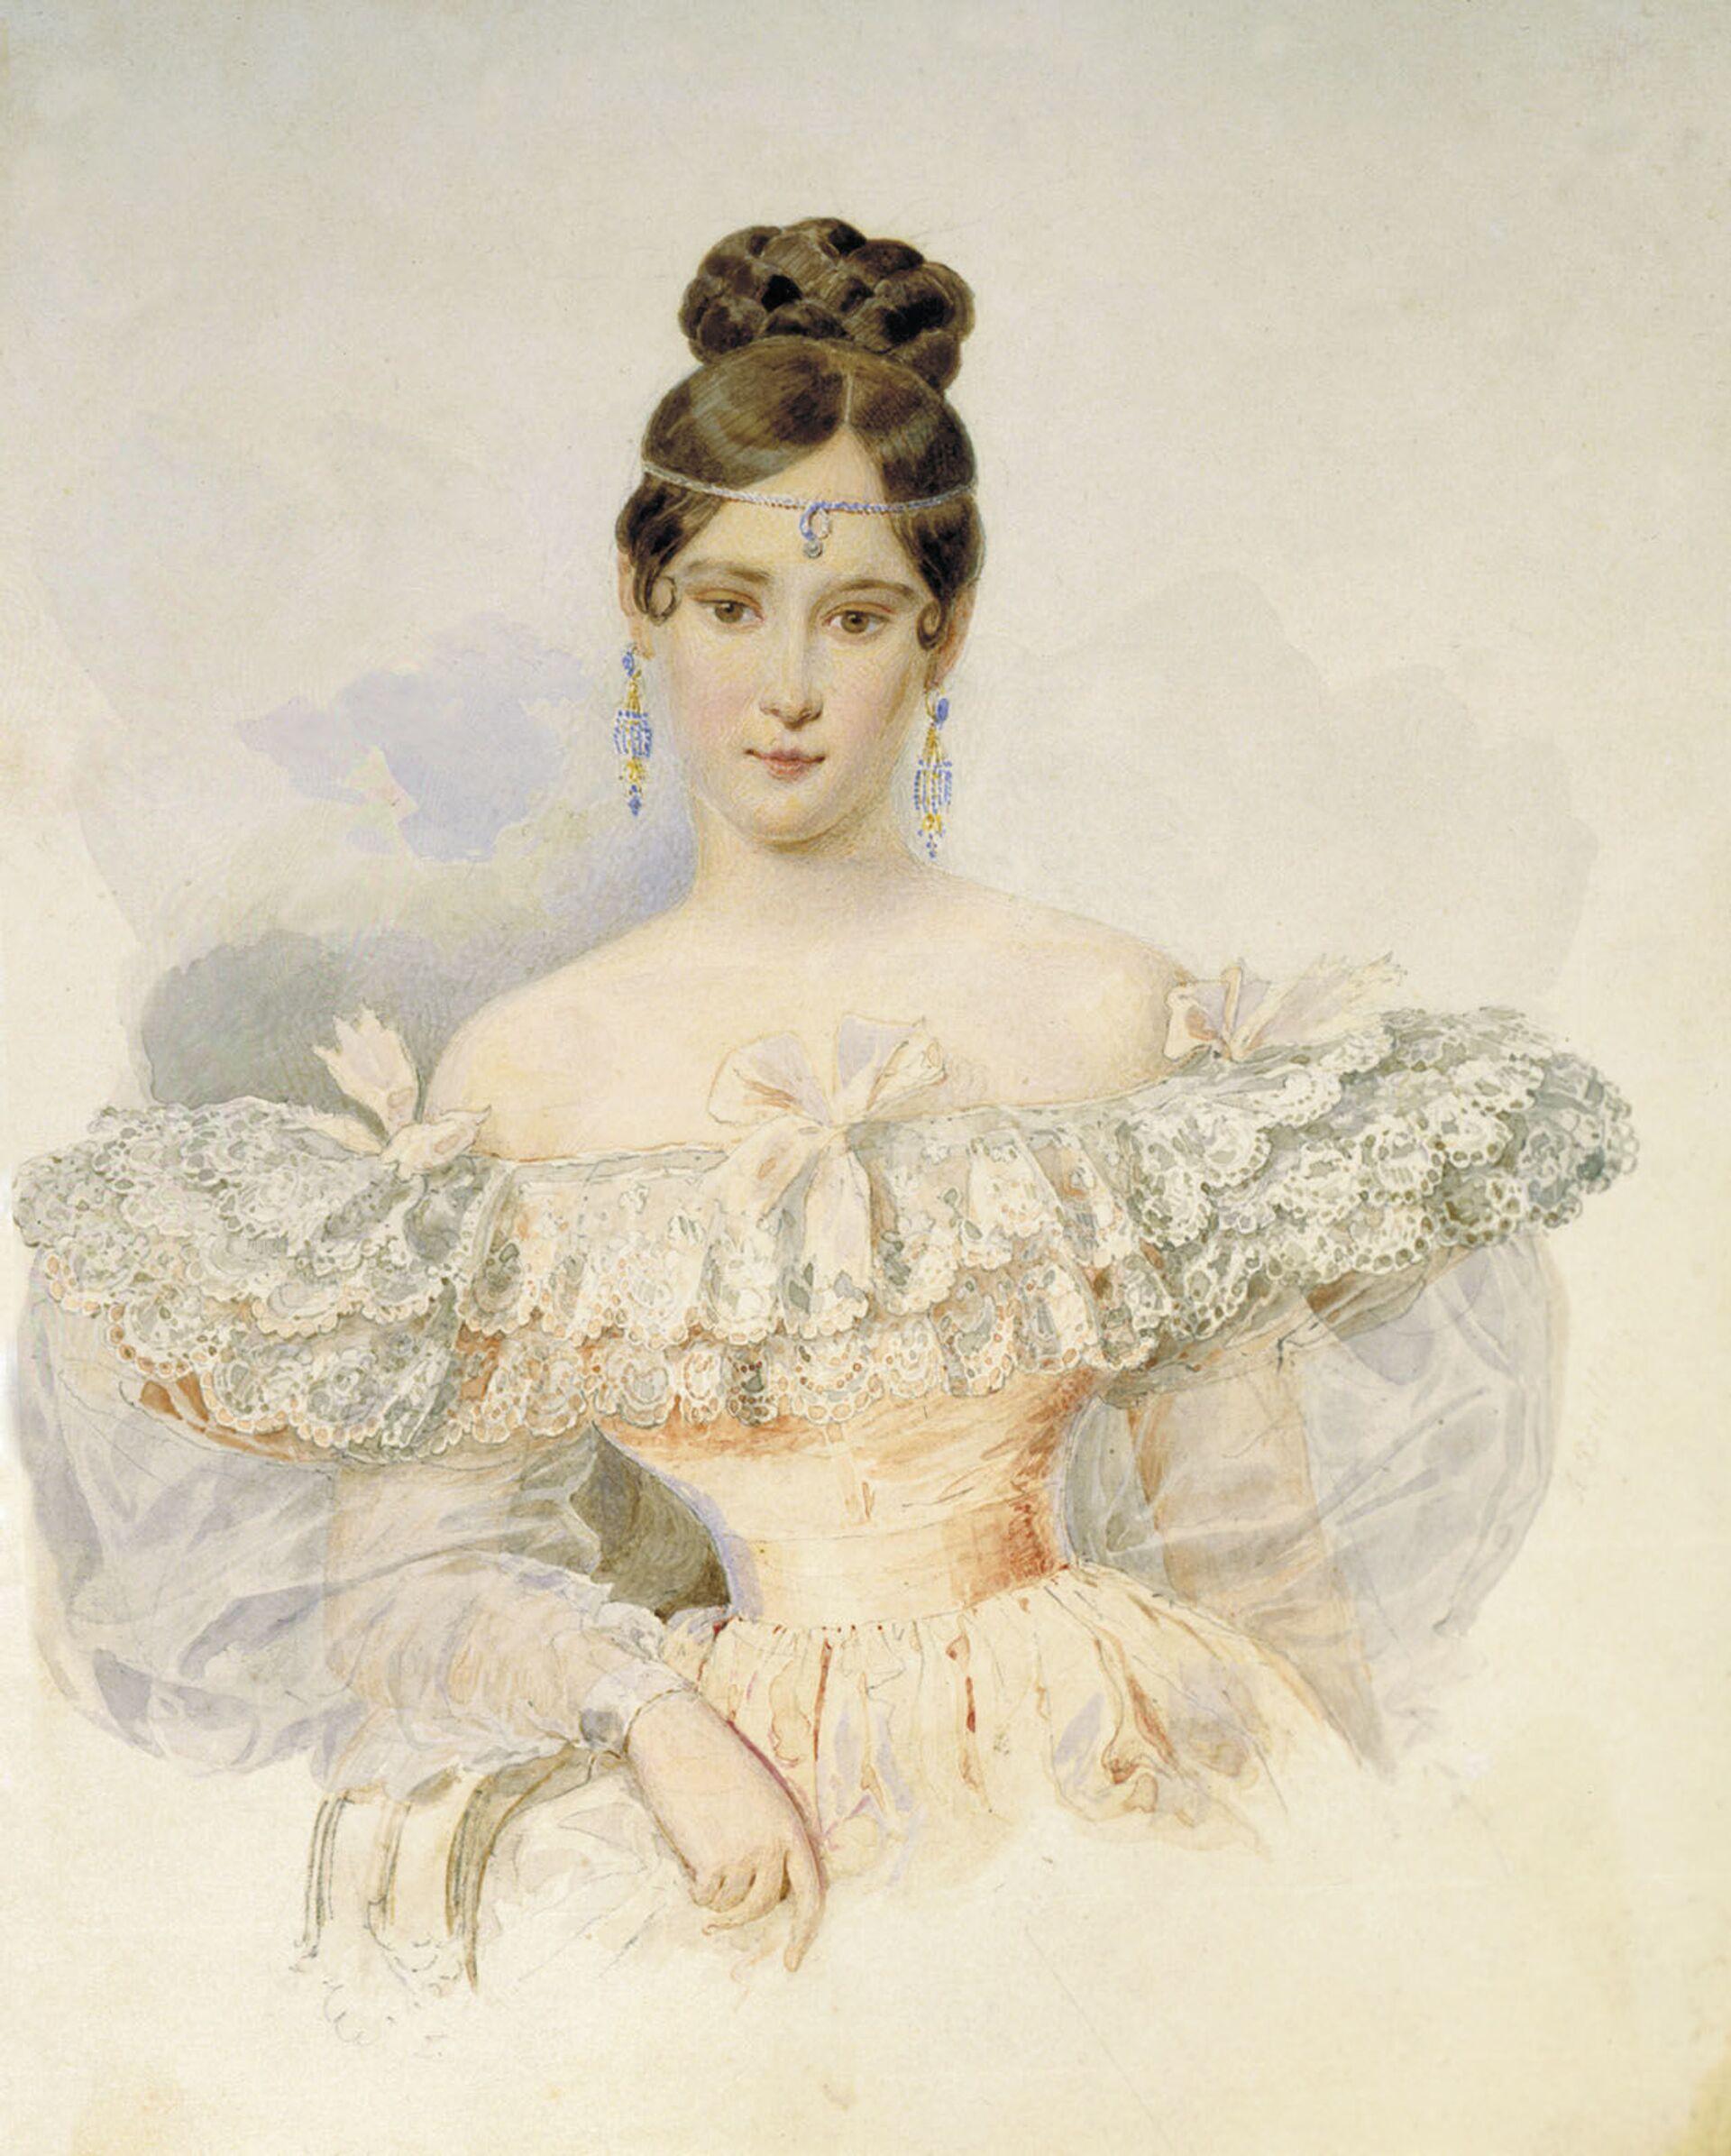 La moglie di Alexander Pushkin Natalia Goncharova, considerata una delle prime bellezze di San Pietroburgo - Sputnik Italia, 1920, 18.05.2021